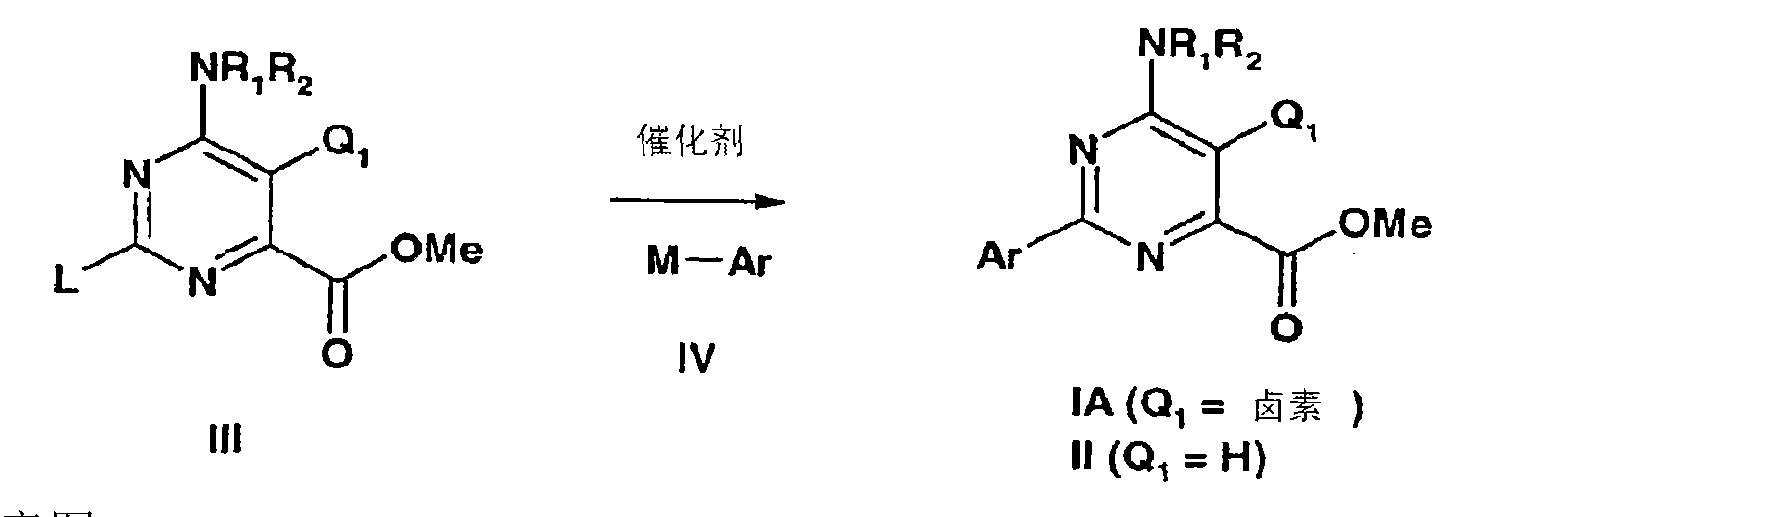 溴与碘的原子结构示意图